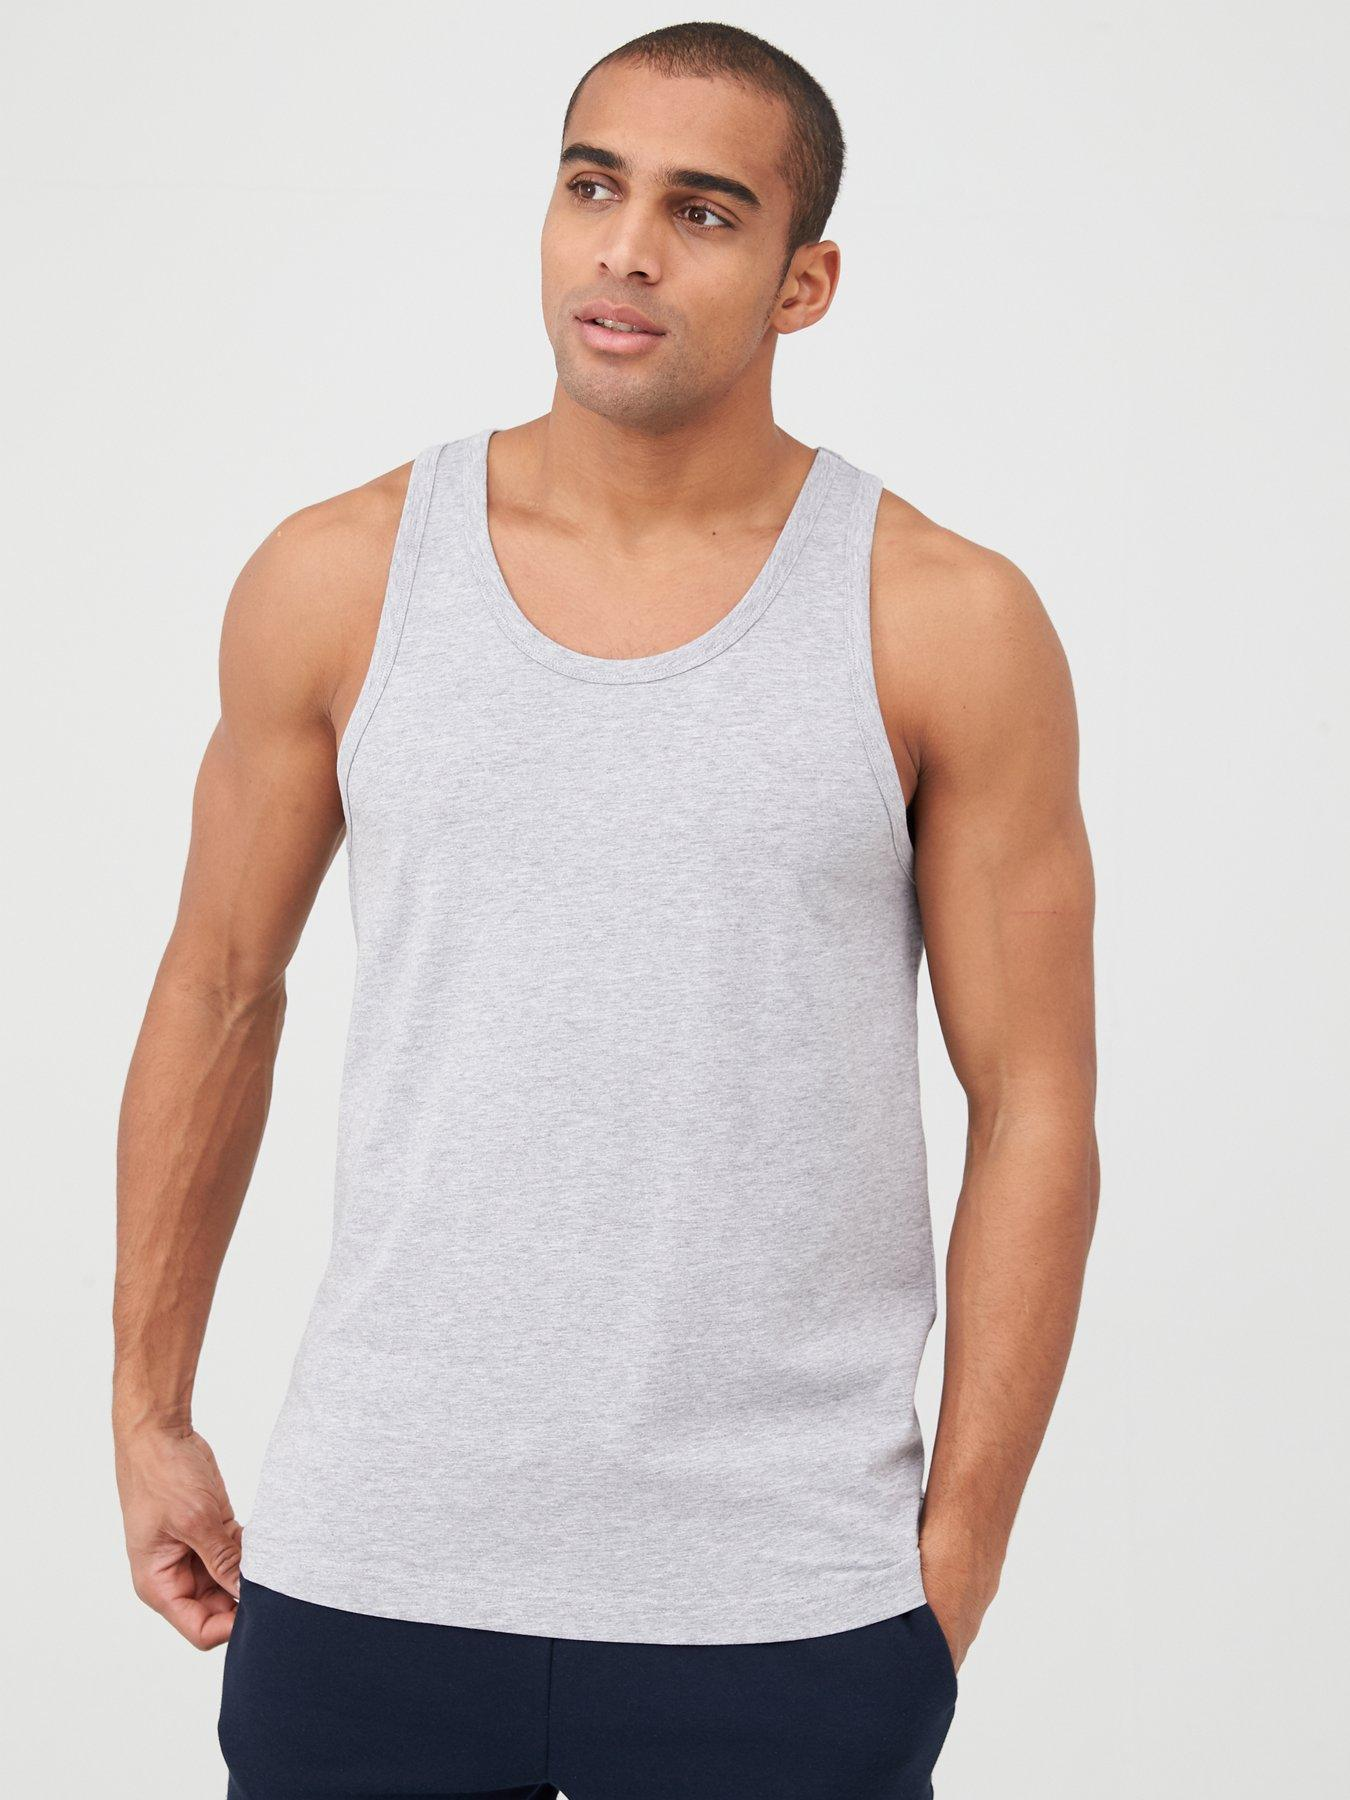 Mens tank top trucker decal sleeveless muscle tee shirt